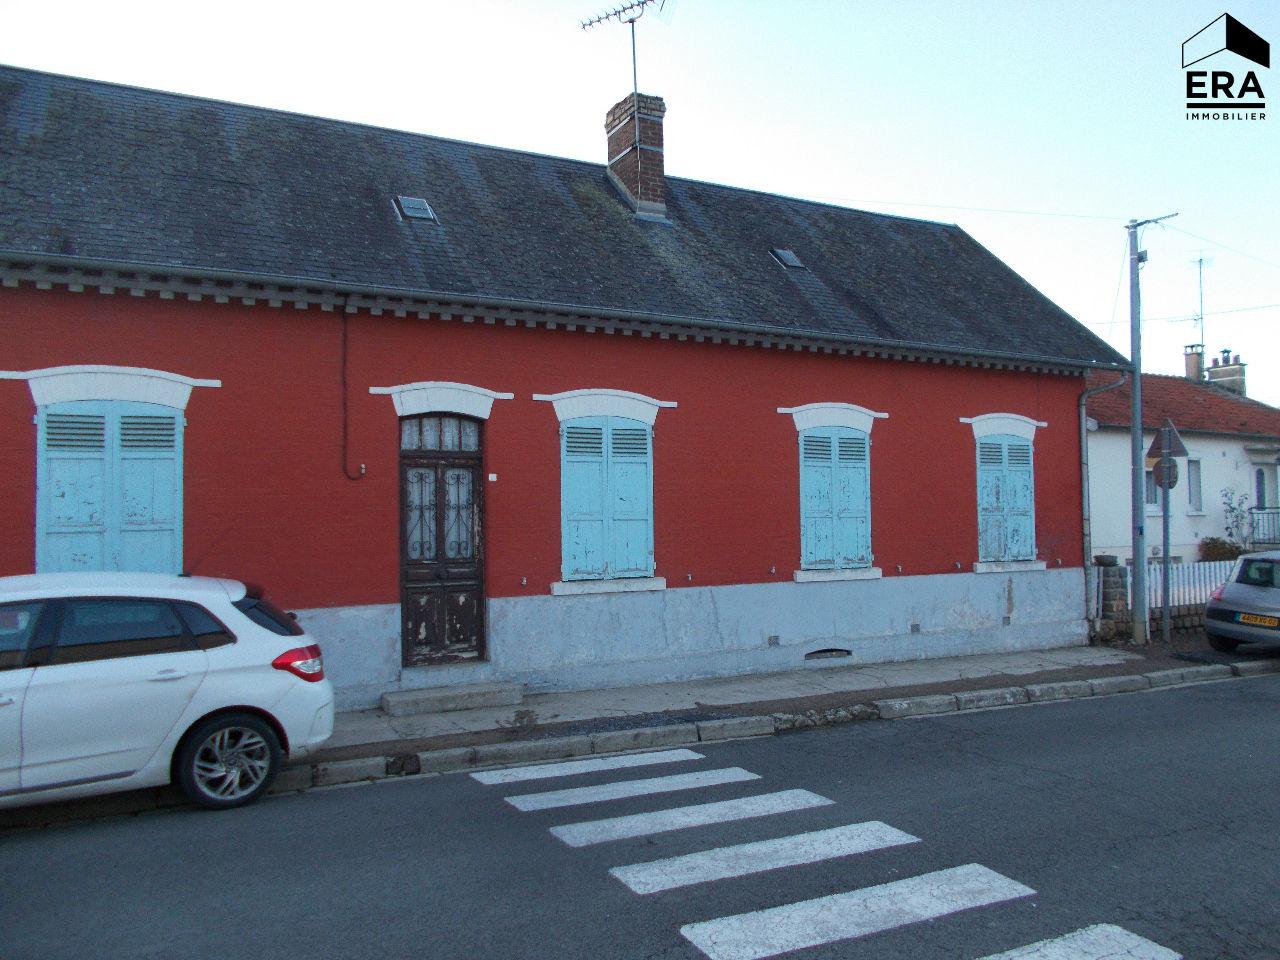 Maison A Vendre Flavy Le Martel - 4 Pièces - 85 M² | Era France encequiconcerne Piscine Chauny